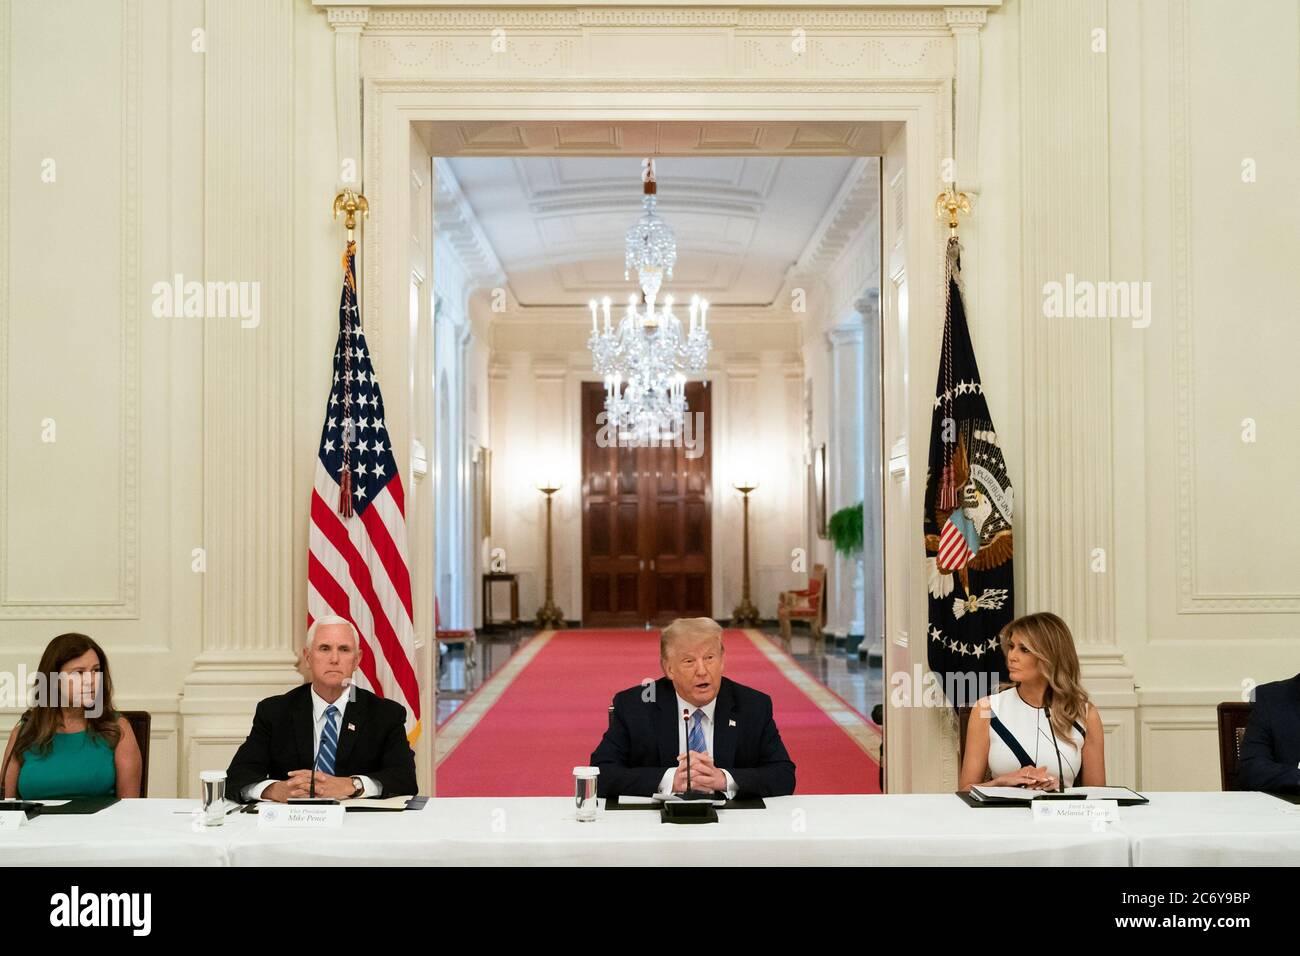 Washington, Vereinigte Staaten Von Amerika. Juli 2020. First Lady Melania Trump, Vizepräsident Mike Pence und Second Lady Karen Pence hören zu, wie Präsident Donald J. Trump während des Nationalen Dialogs über die sichere Wiedereröffnung der amerikanischen Schulen am Dienstag, den 7. Juli 2020, im Ostsaal des Weißen Hauses seine Bemerkungen vorbringt. Personen: Präsident Donald Trump Kredit: Storms Media Group/Alamy Live News Stockfoto